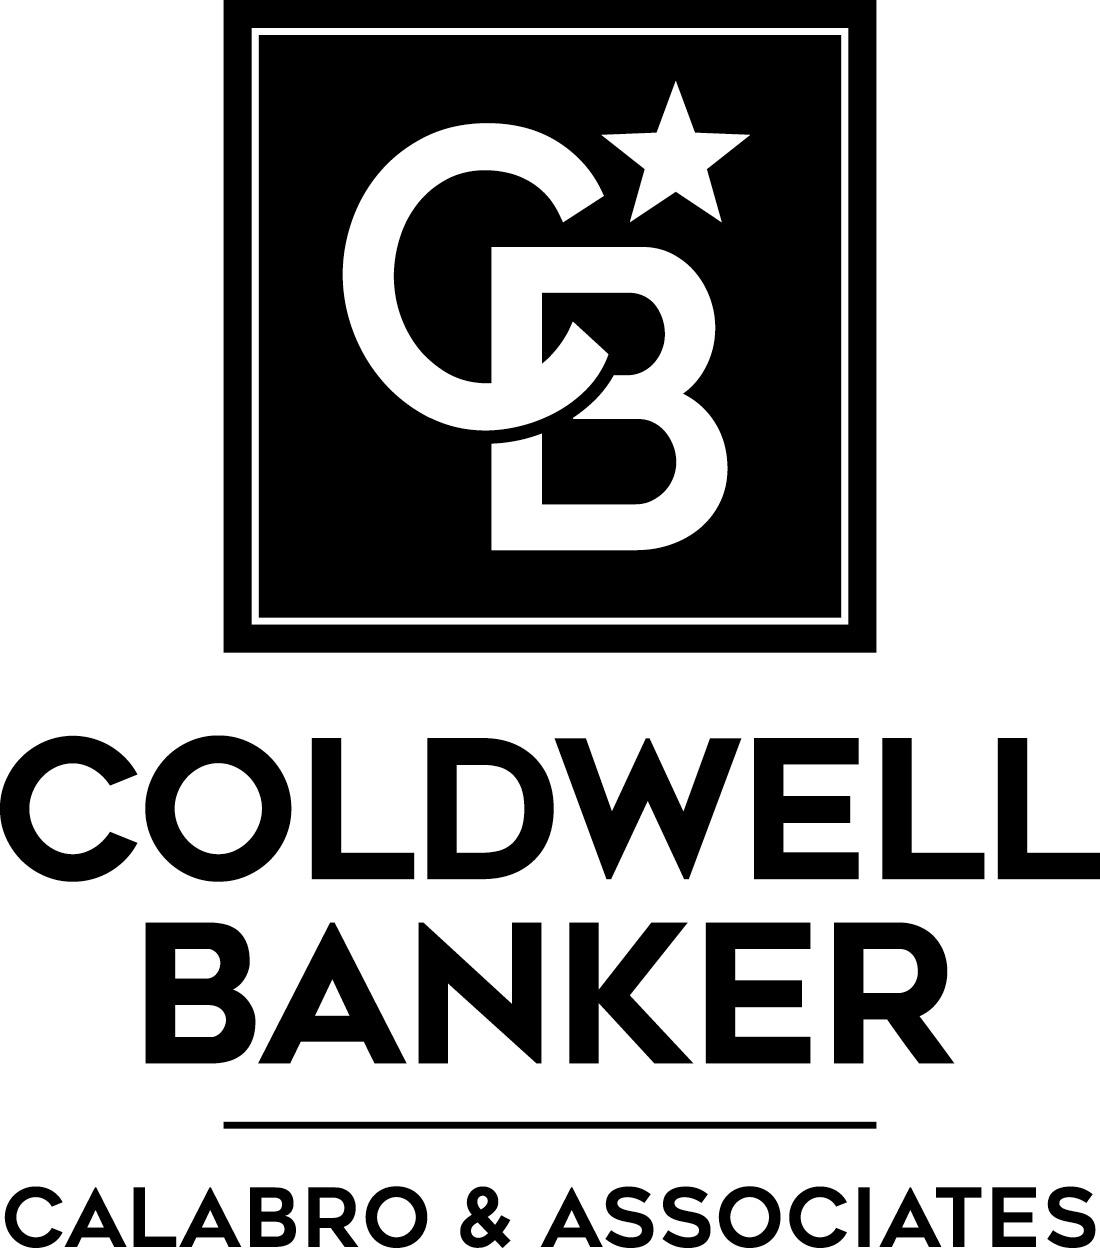 Coldwell Banker Calabro & Associates logo